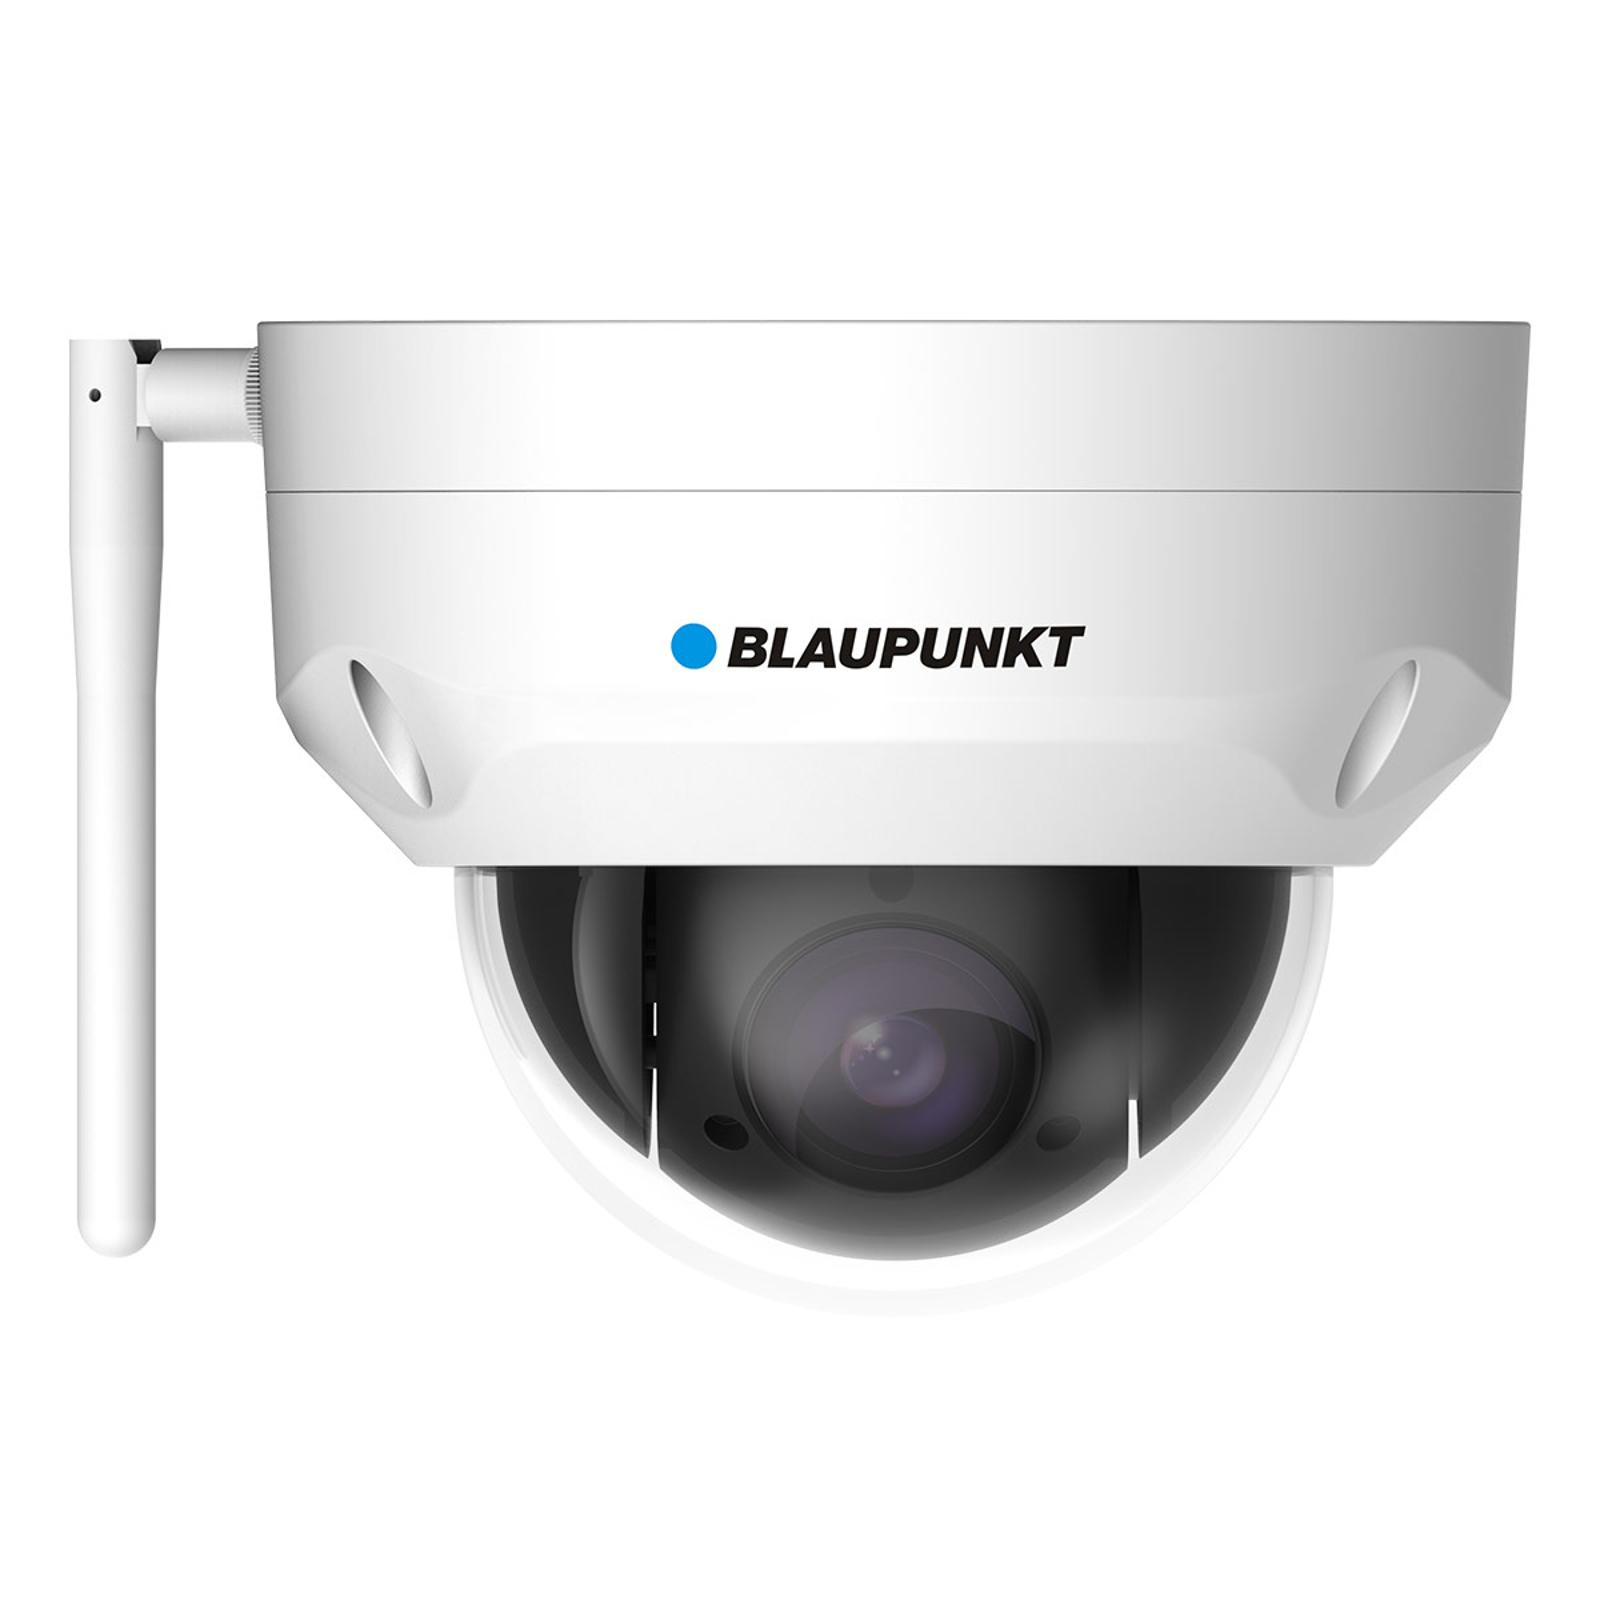 Blaupunkt VIO-DP20 Überwachungskamera 360° FullHD